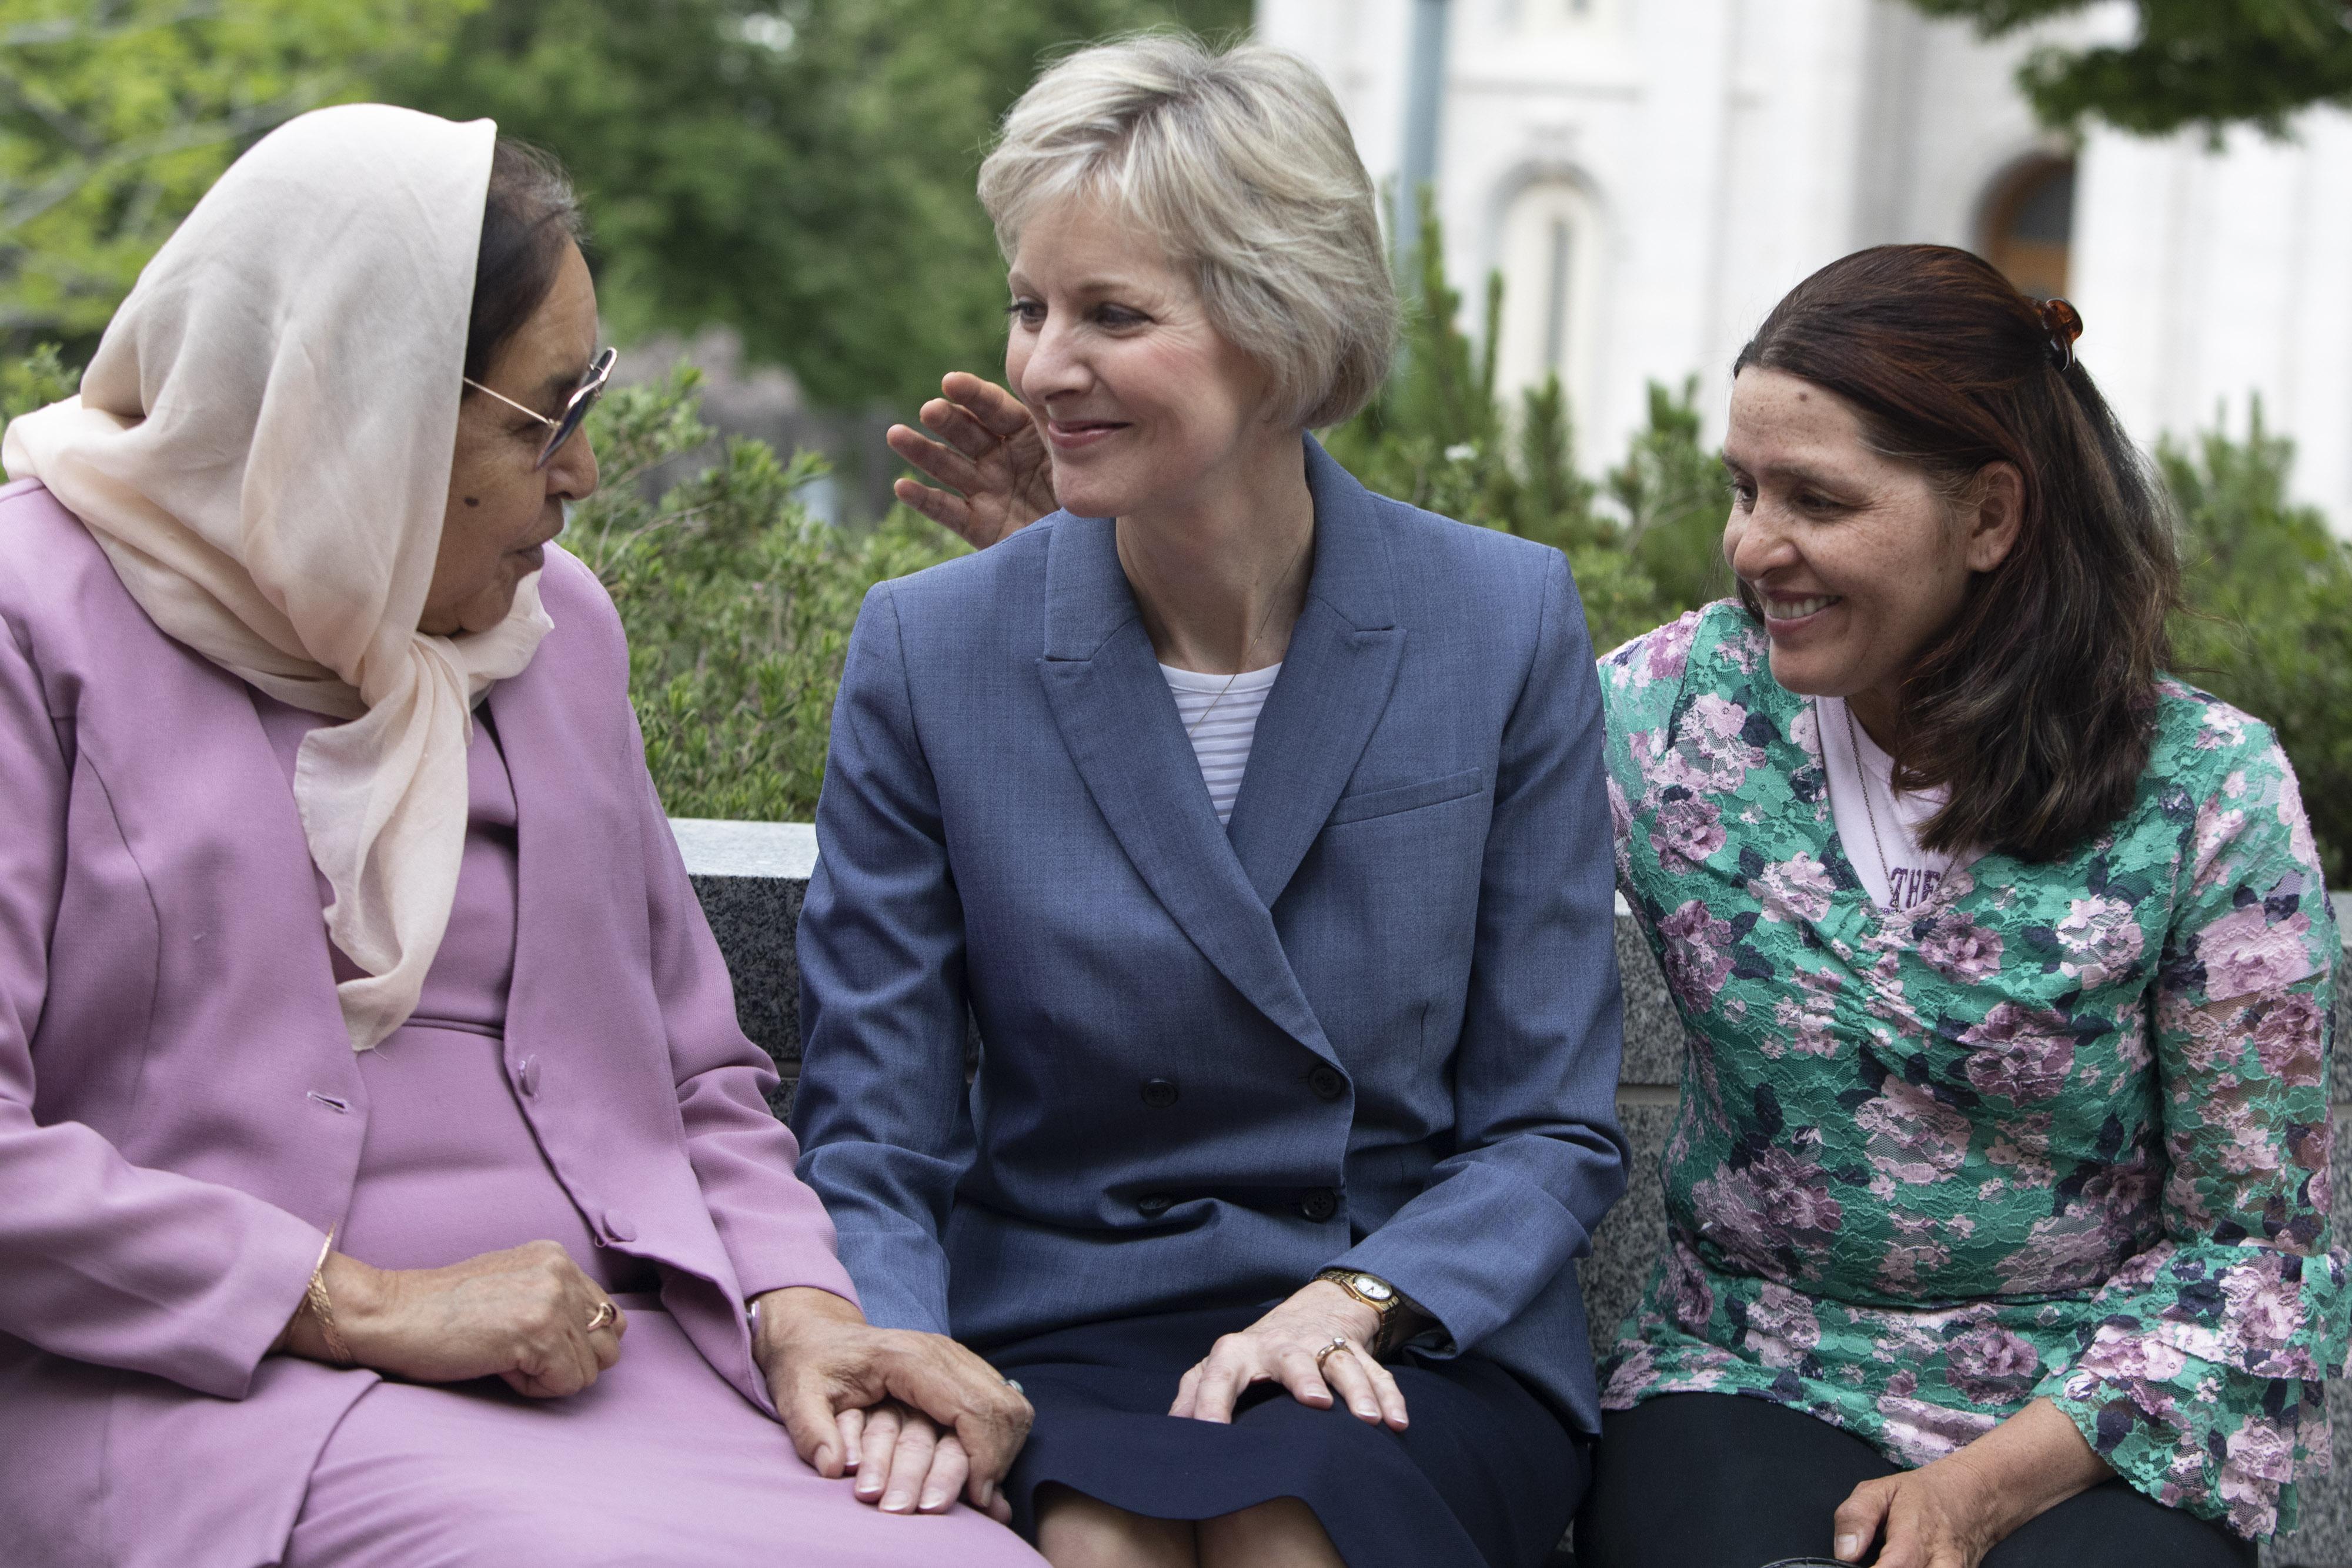 Irmã Jean B. Bingham se senta com Asifa Nadir, à esquerda, e Nadira Nadir fora do Prédio da Sociedade de Socorro na Praça do Templo antes de entrevista com representantes dos EUA para UNHCR em 16 de maio, 2019. Irmã Bingham conhece a família Nadir, refugiados do Afeganistão, por quase 15 anos.